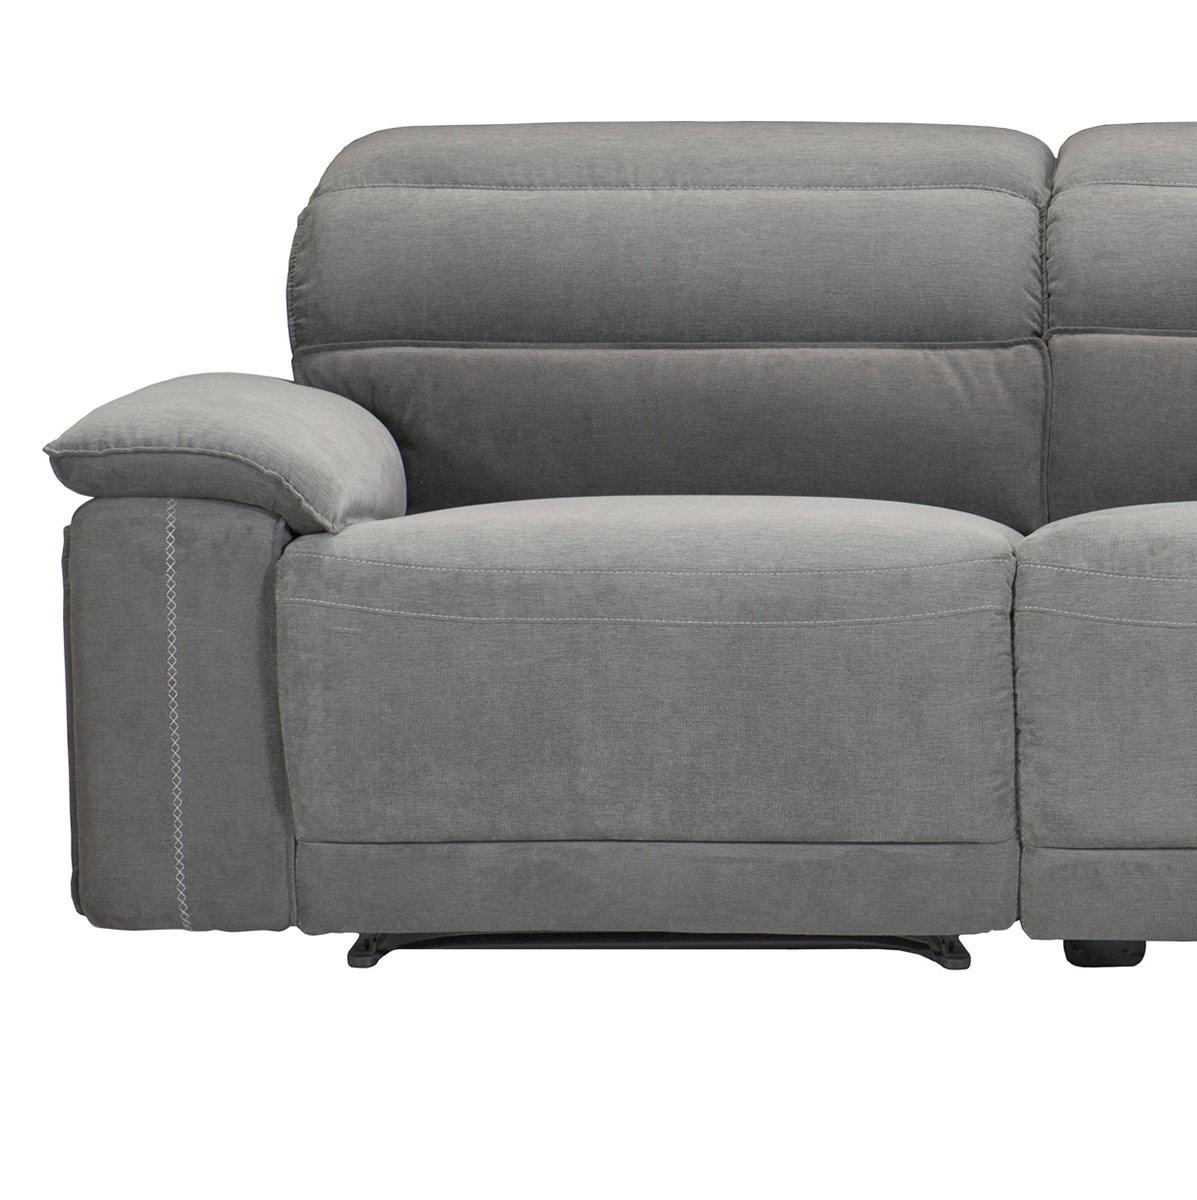 Homelegance Ember Left Side Reclining Chair - Dark Gray